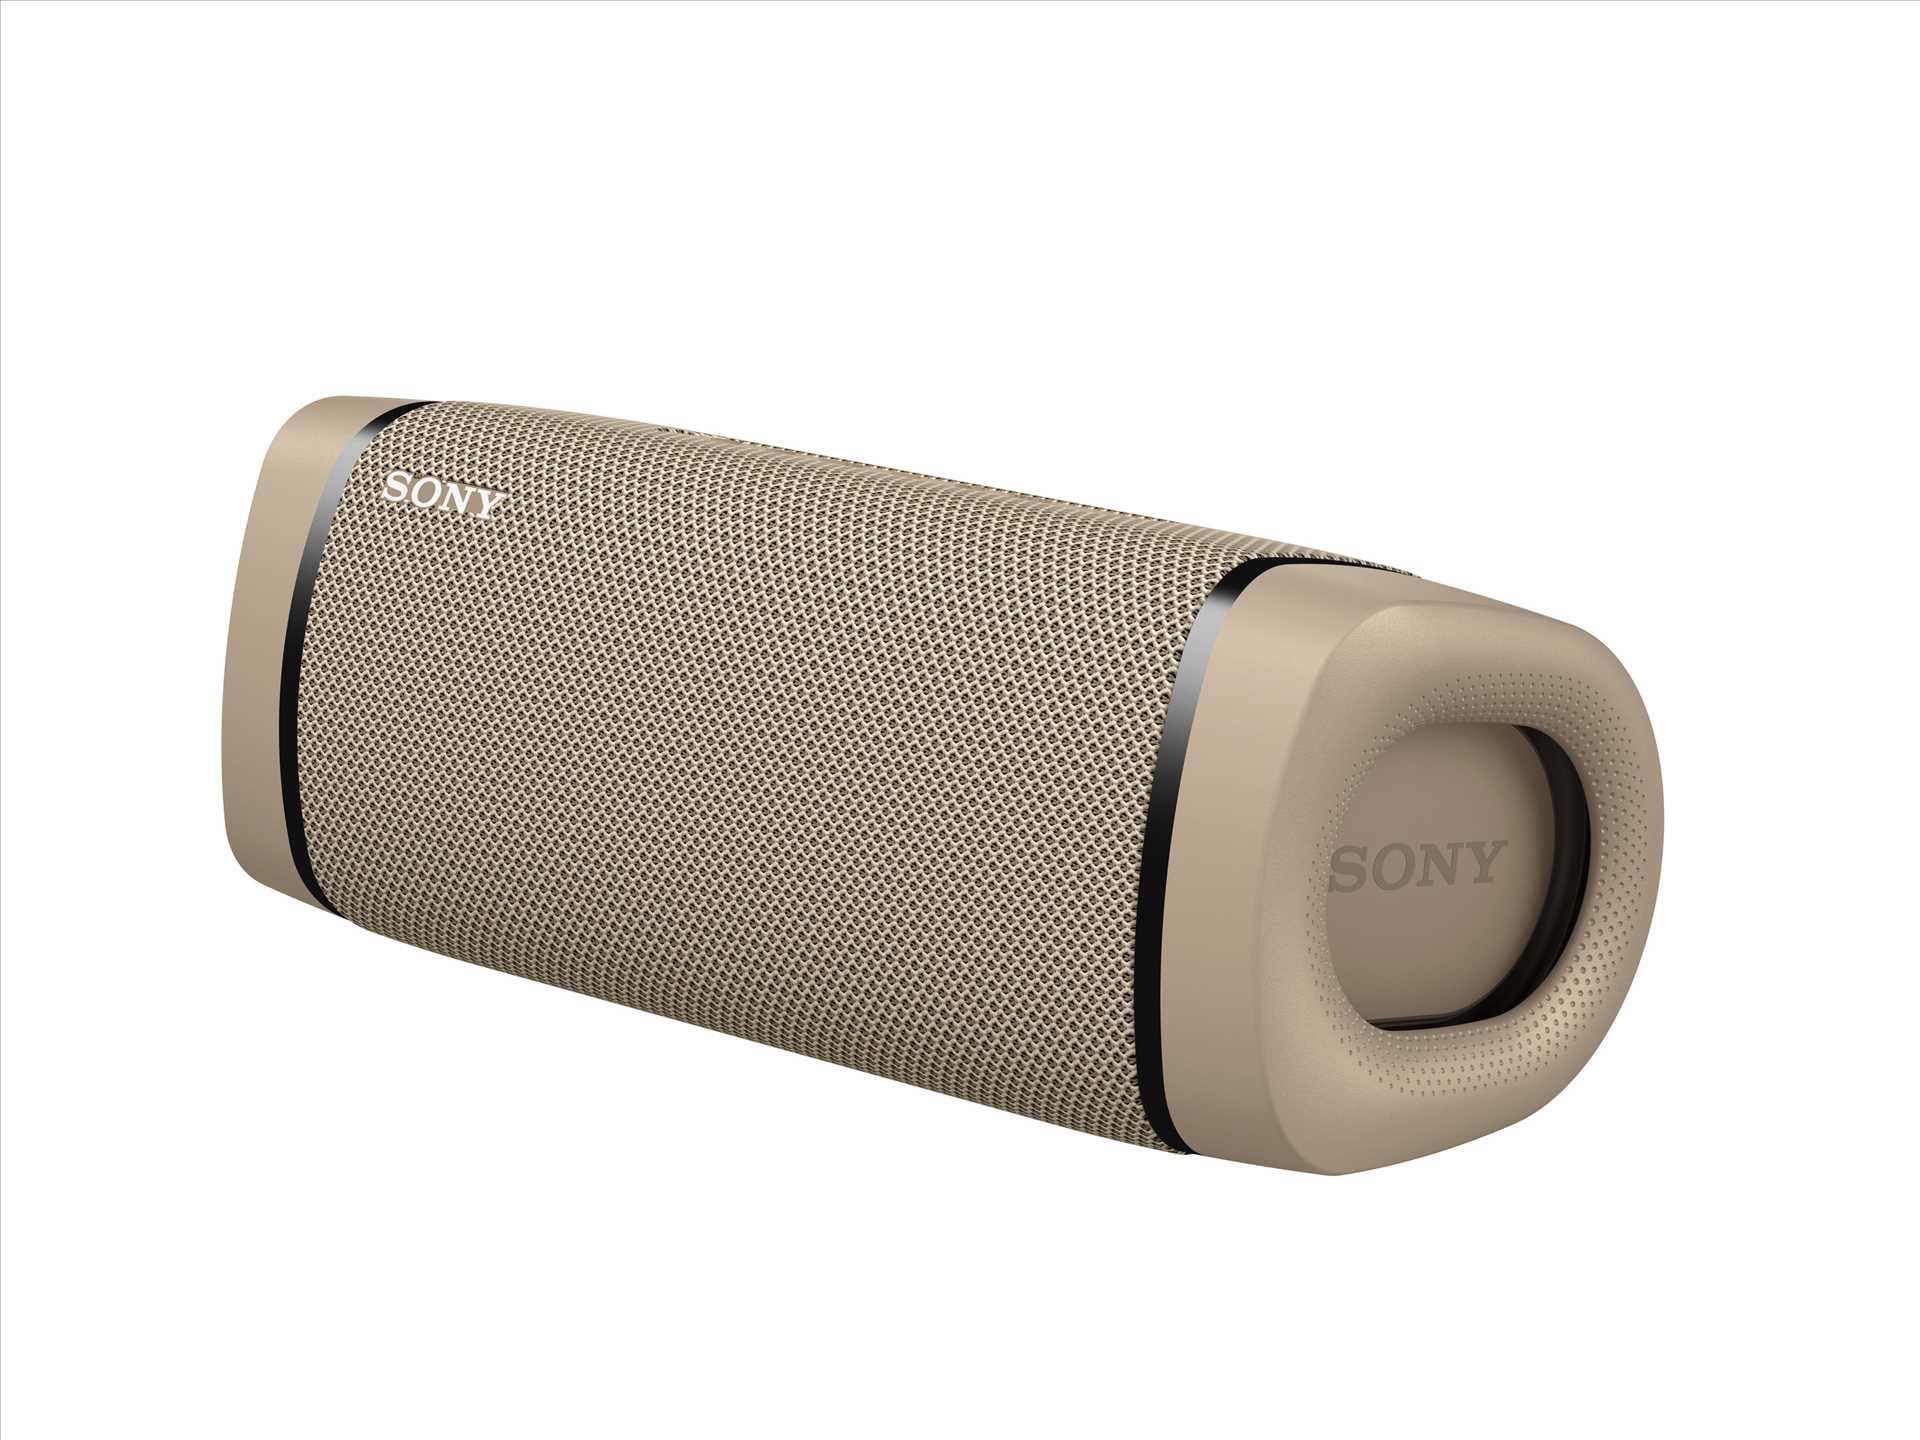 רמקול נייד סוני צבע בז' SONY SRS-XB33C סוני - תמונה 3